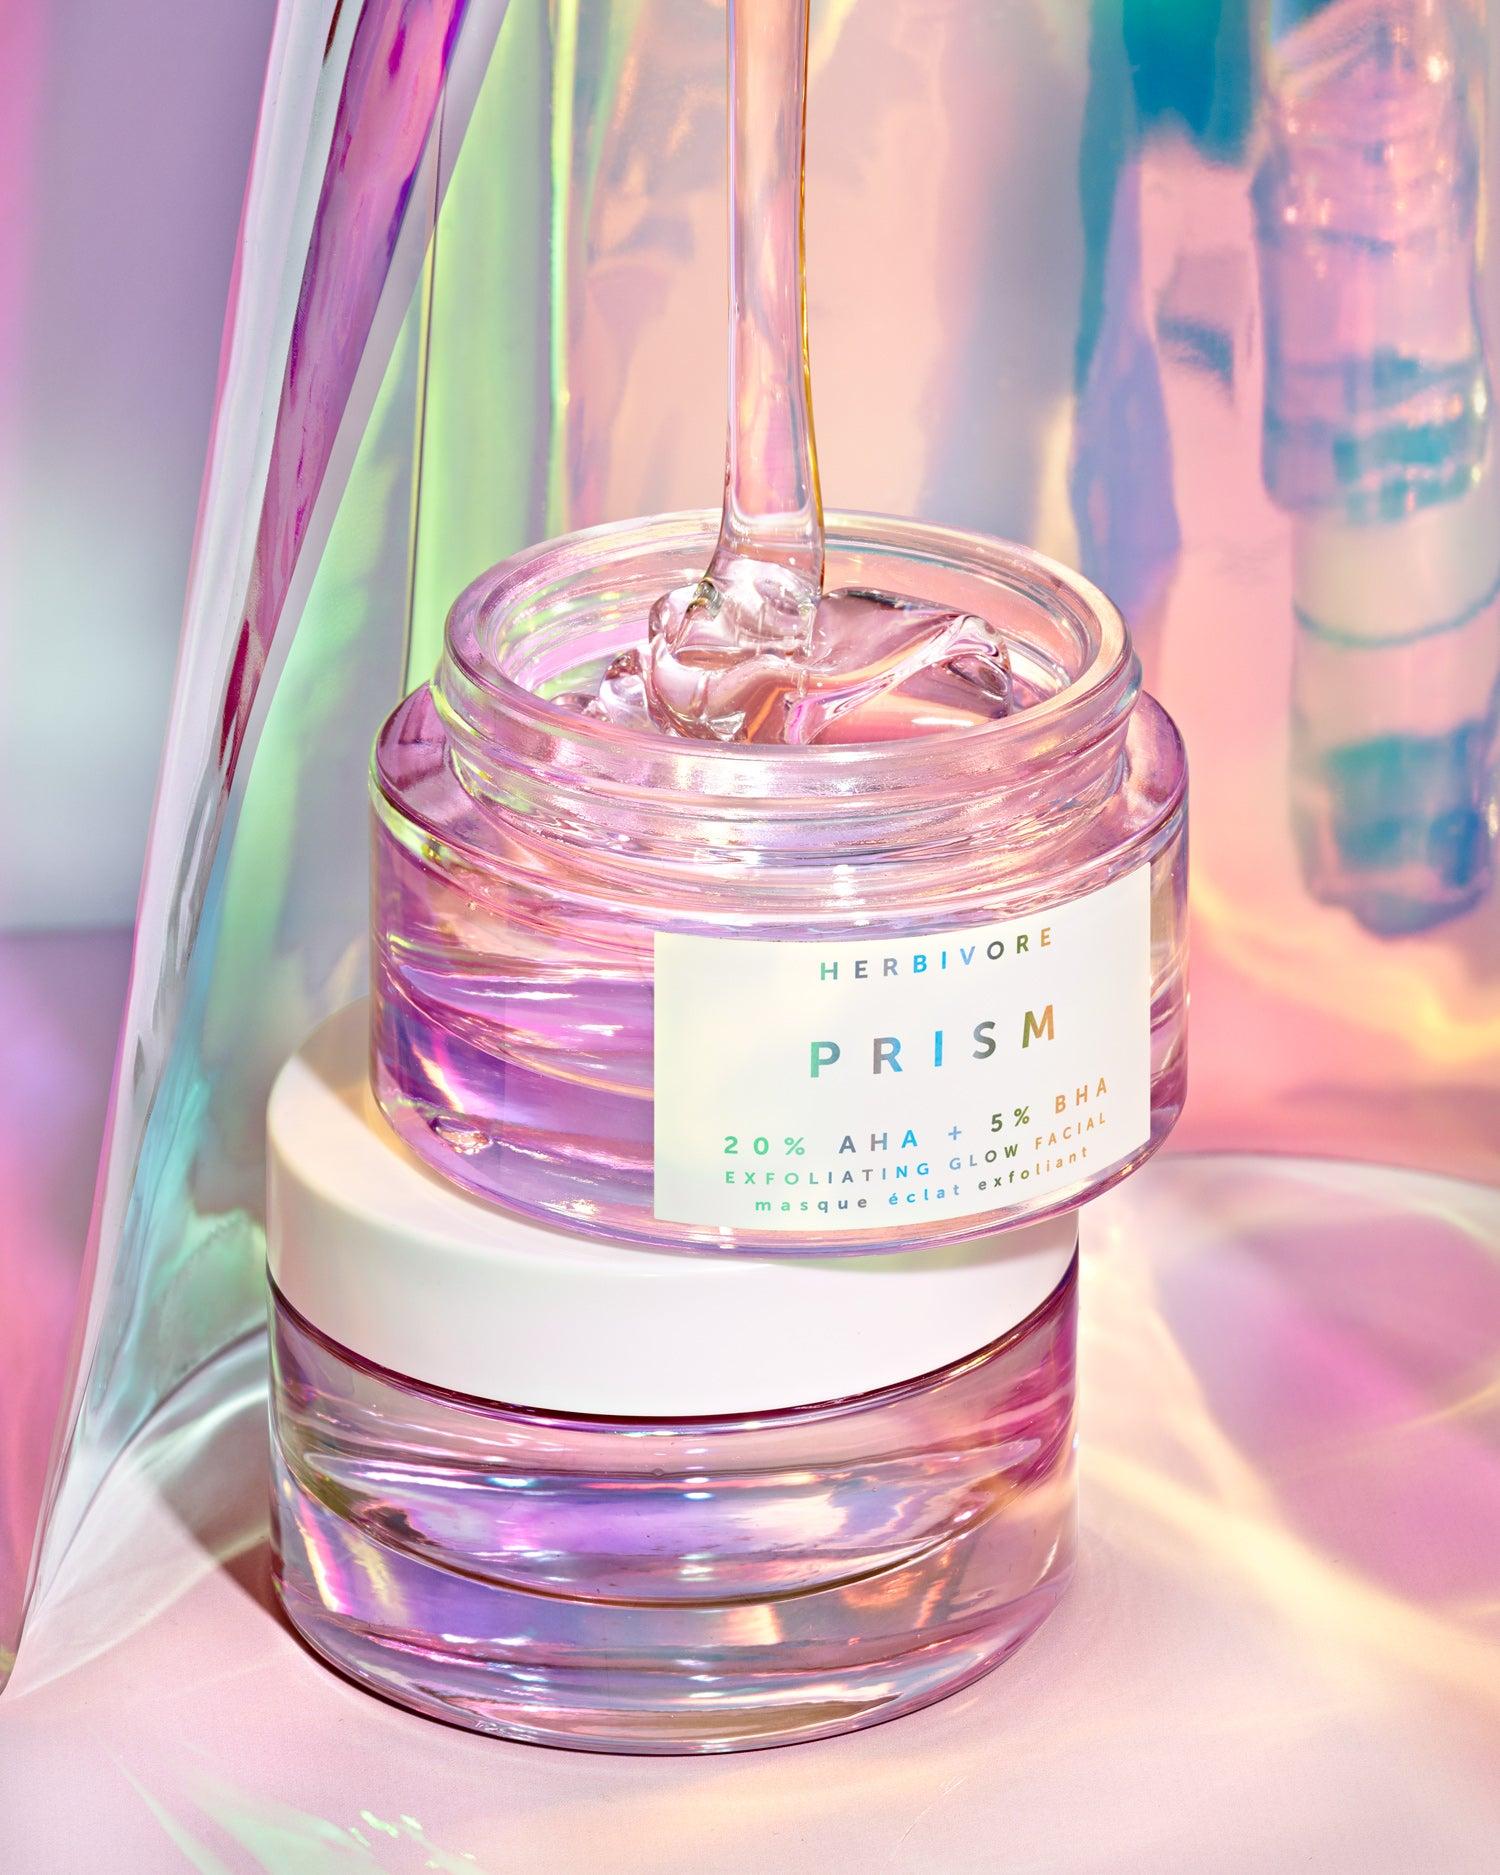 Herbivore - Prism 12% AHA + 3% BHA Exfoliating Glow Serum